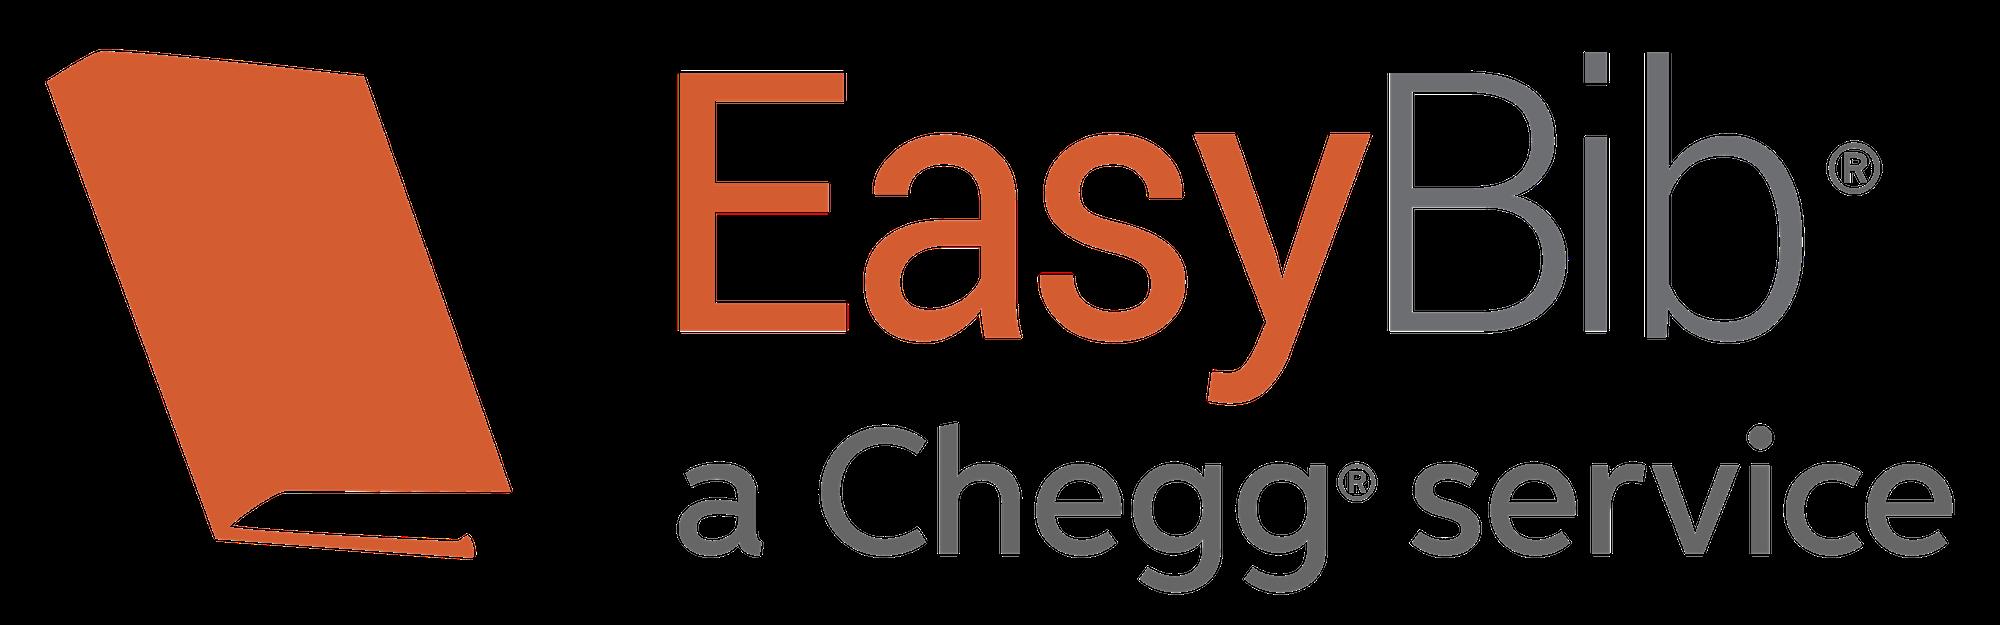 015 Easybib20logo20small20clearwidth2000nameeasybib20logo20small20clear Essay Bib Fearsome Easybib Mla Works Cited Chicago Citation Generator Apa Format Full